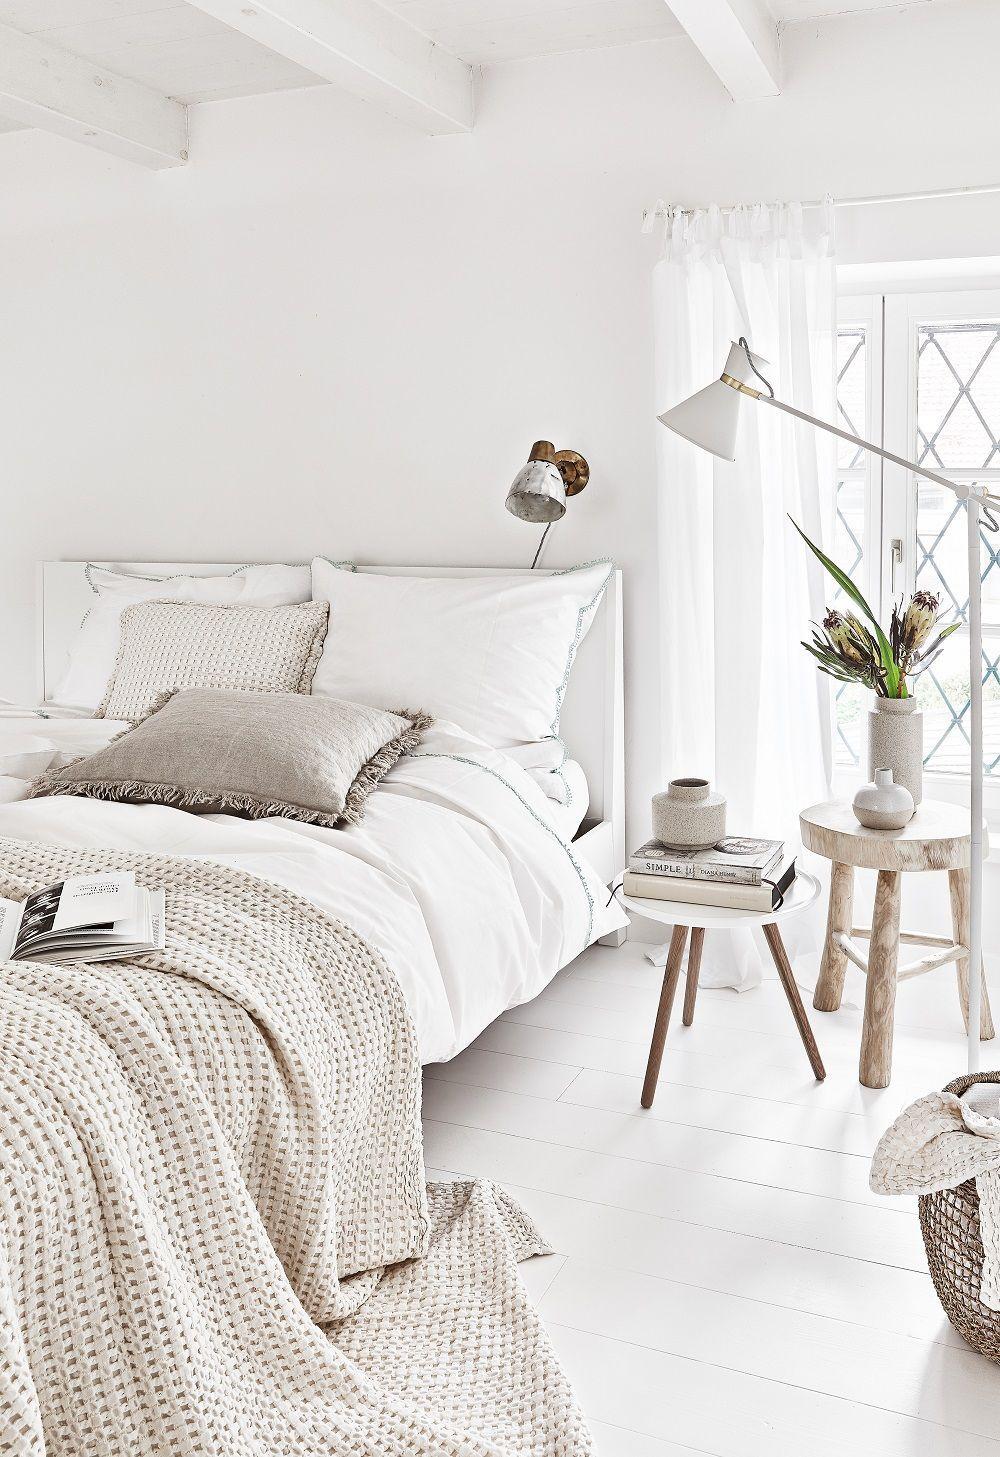 Natural Dreams In Diesem Wunderschonen Schlafzimmer Stimmt Jedes